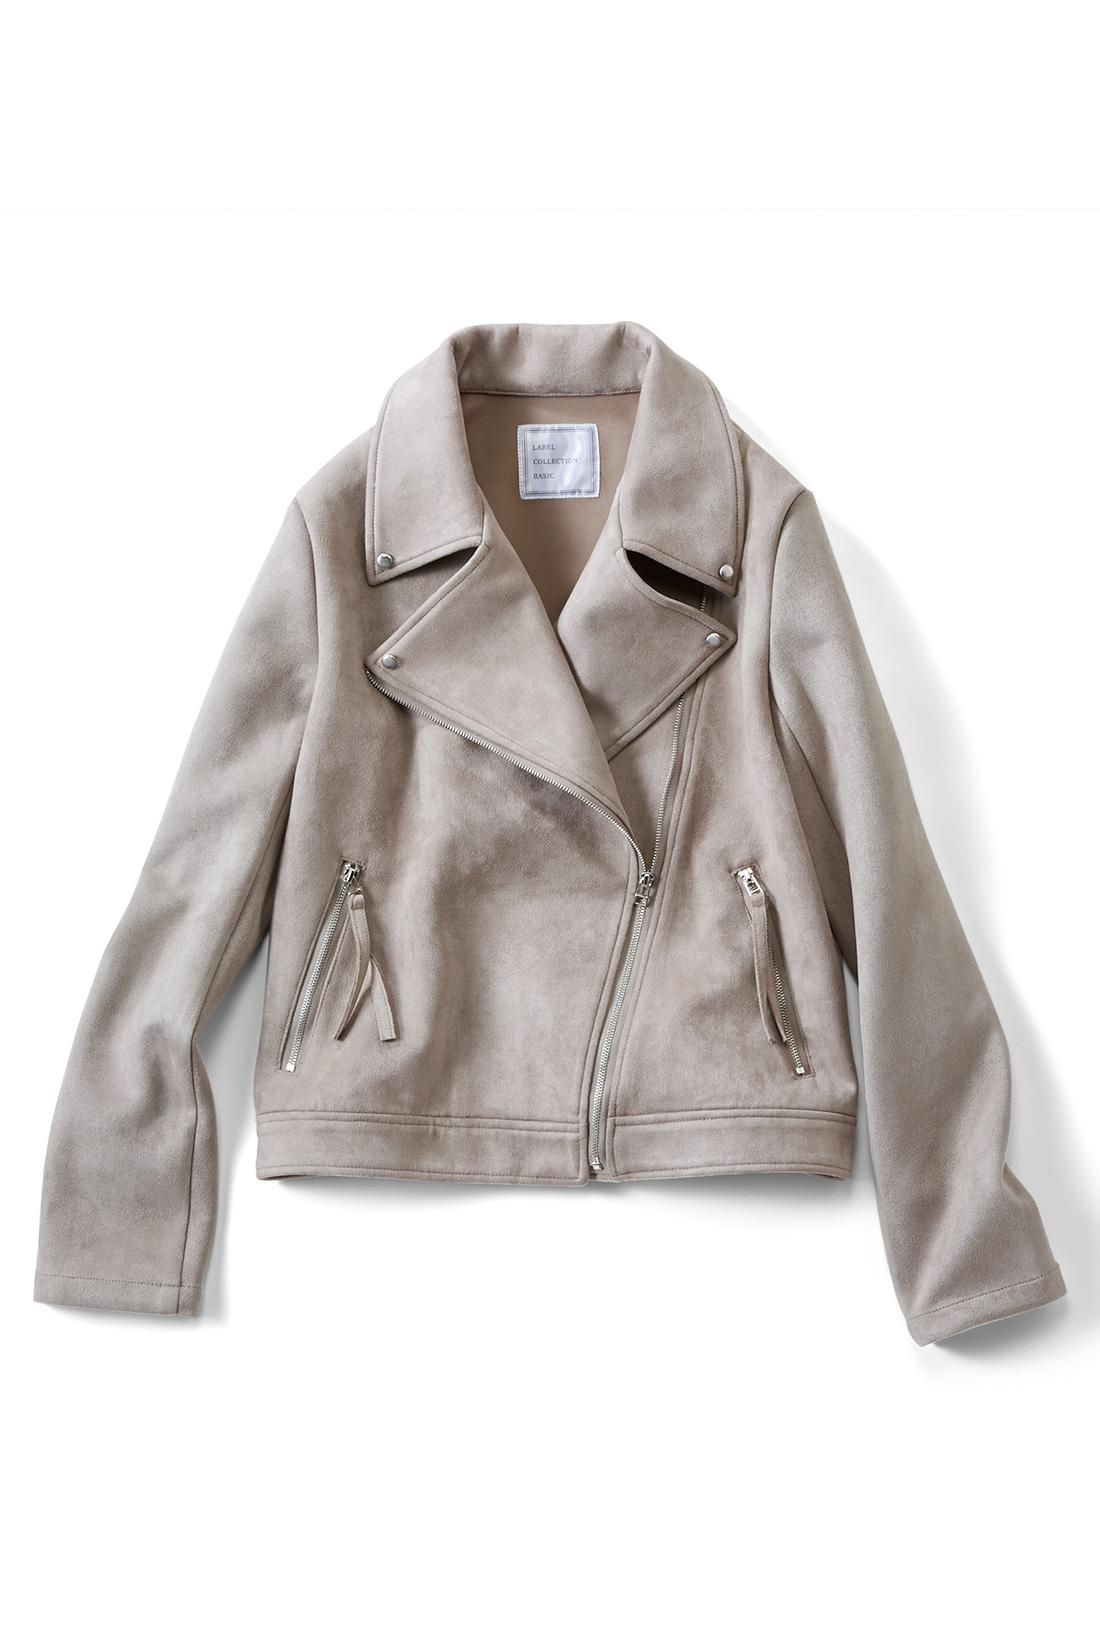 ウエストベルトやポケットを減らしてソフトに ハードな印象のウエストベルトや胸ポケットは省いて、シンプルで洗練感のある表情に。 ※商品の色味はこちらをご参考にされてください。